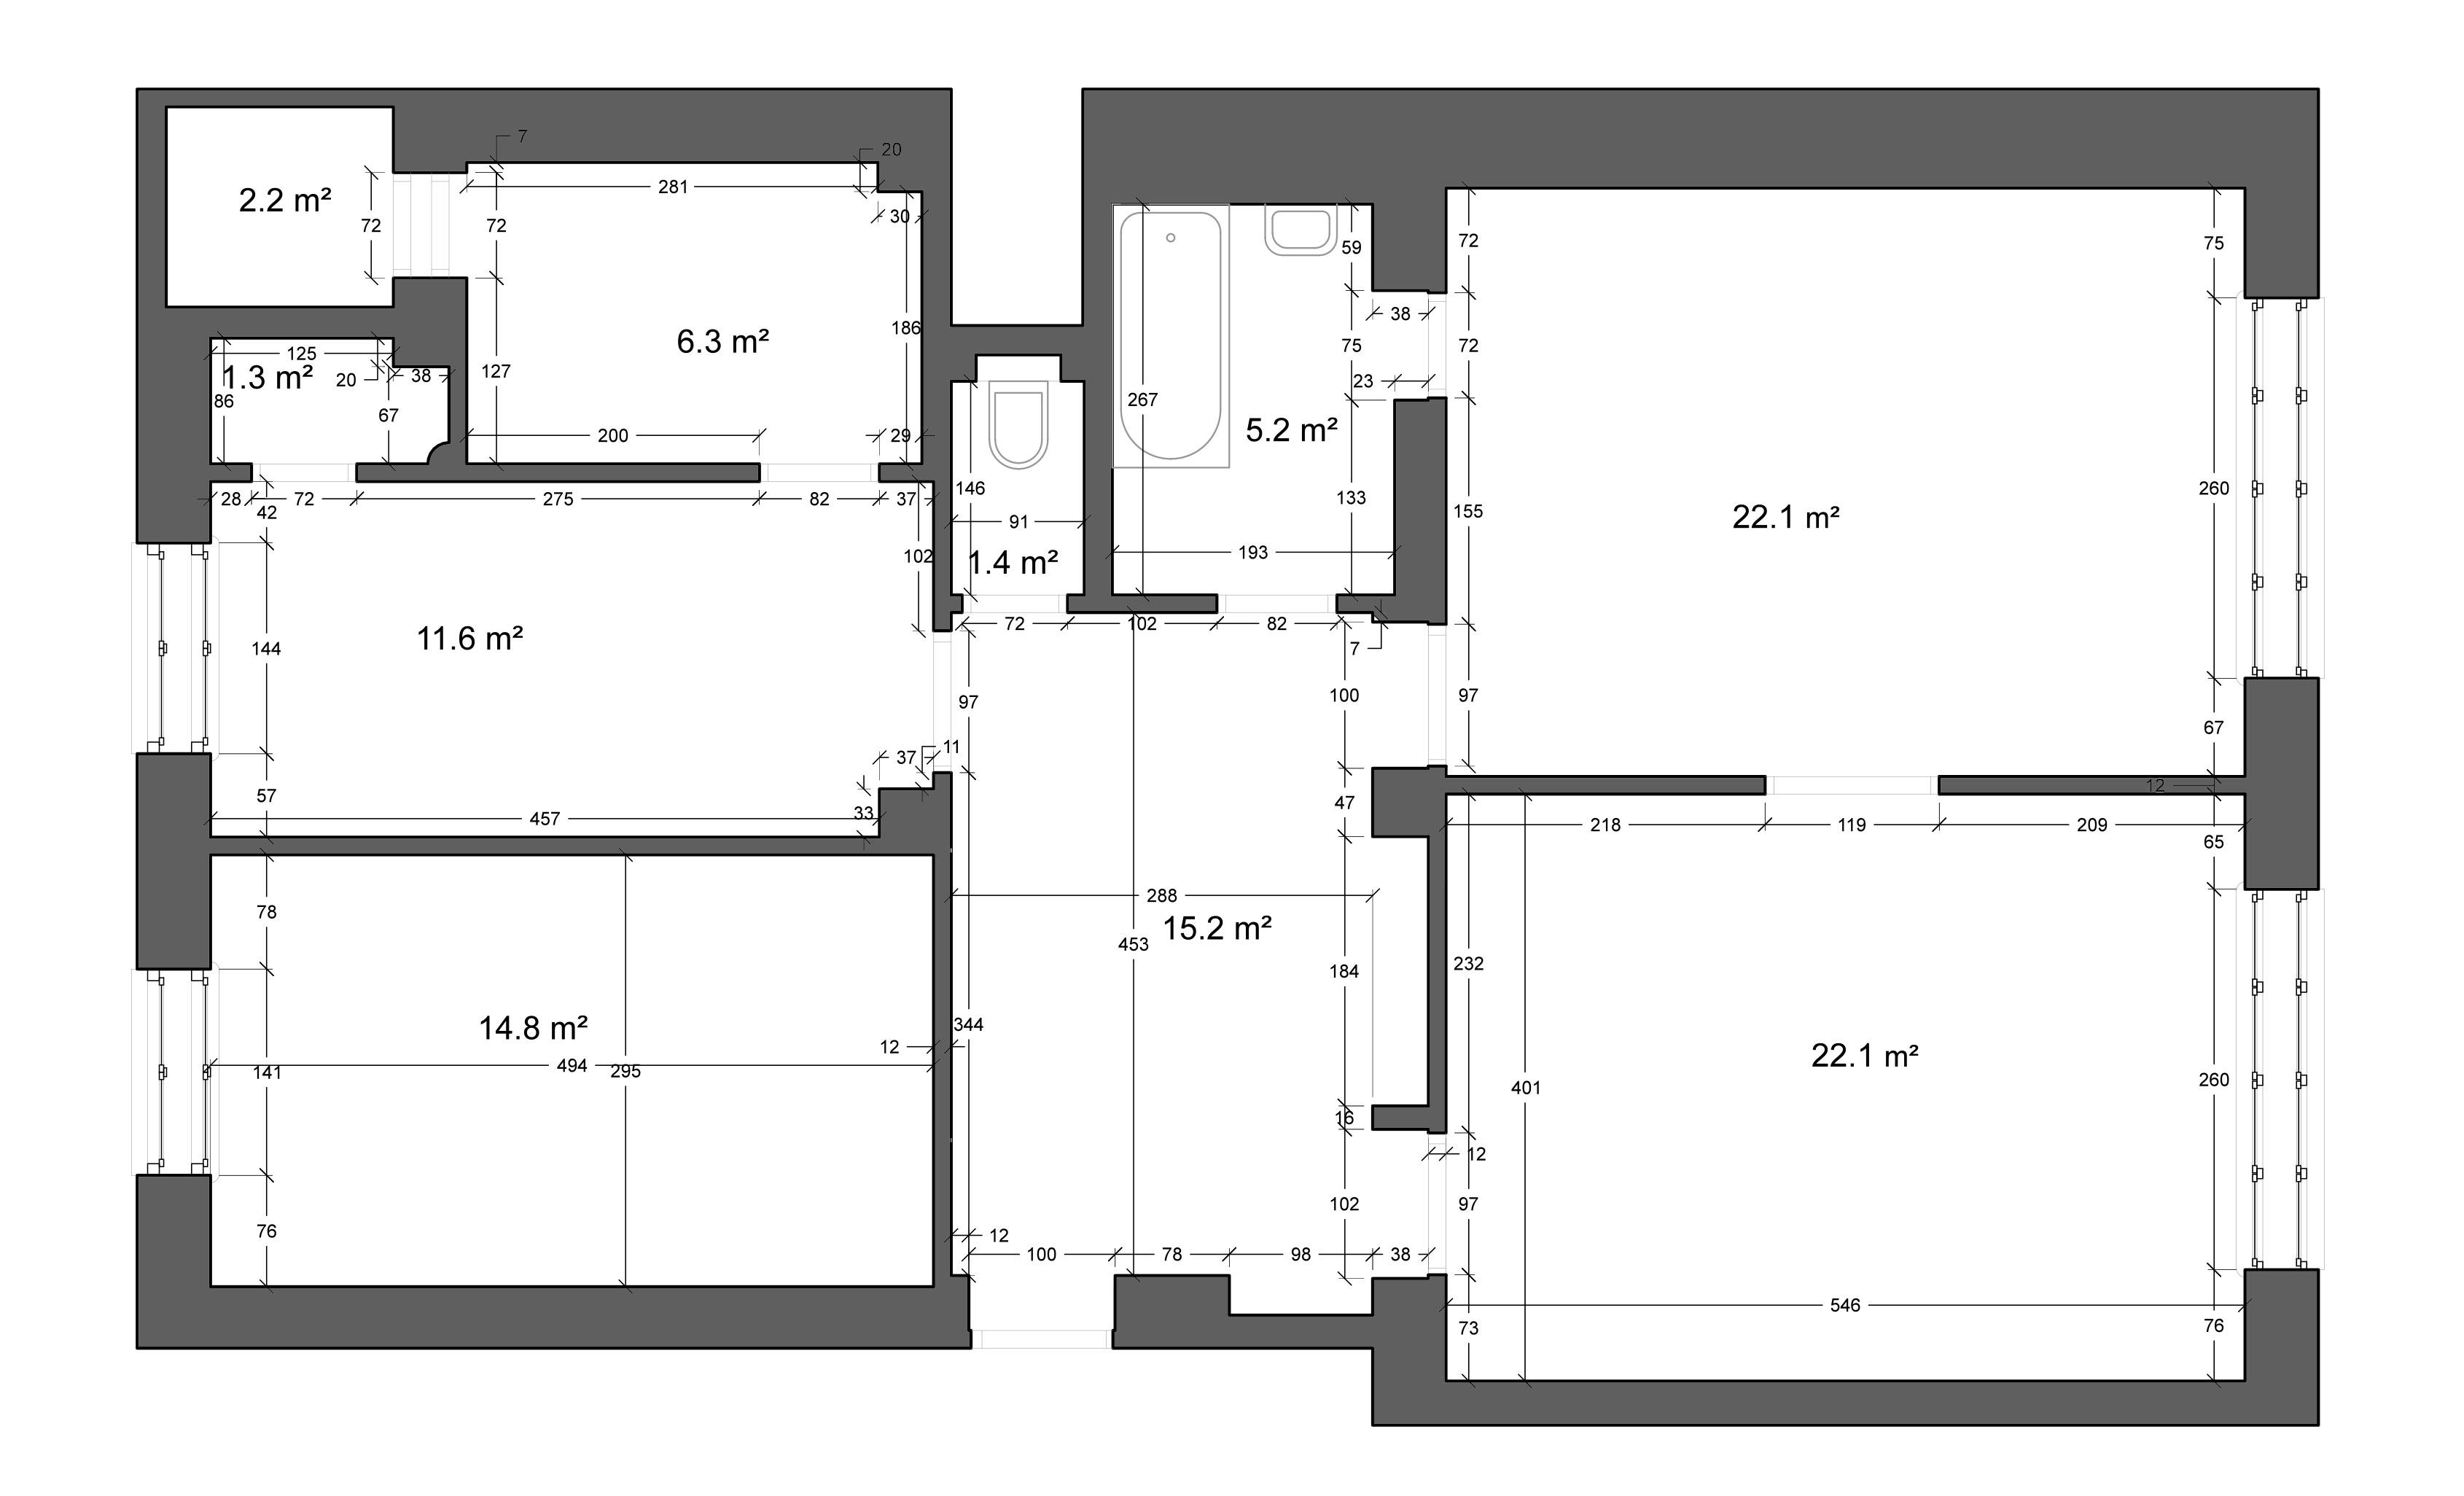 /Users/simonejensenova/Documents/Architecture Design/Umělecká/